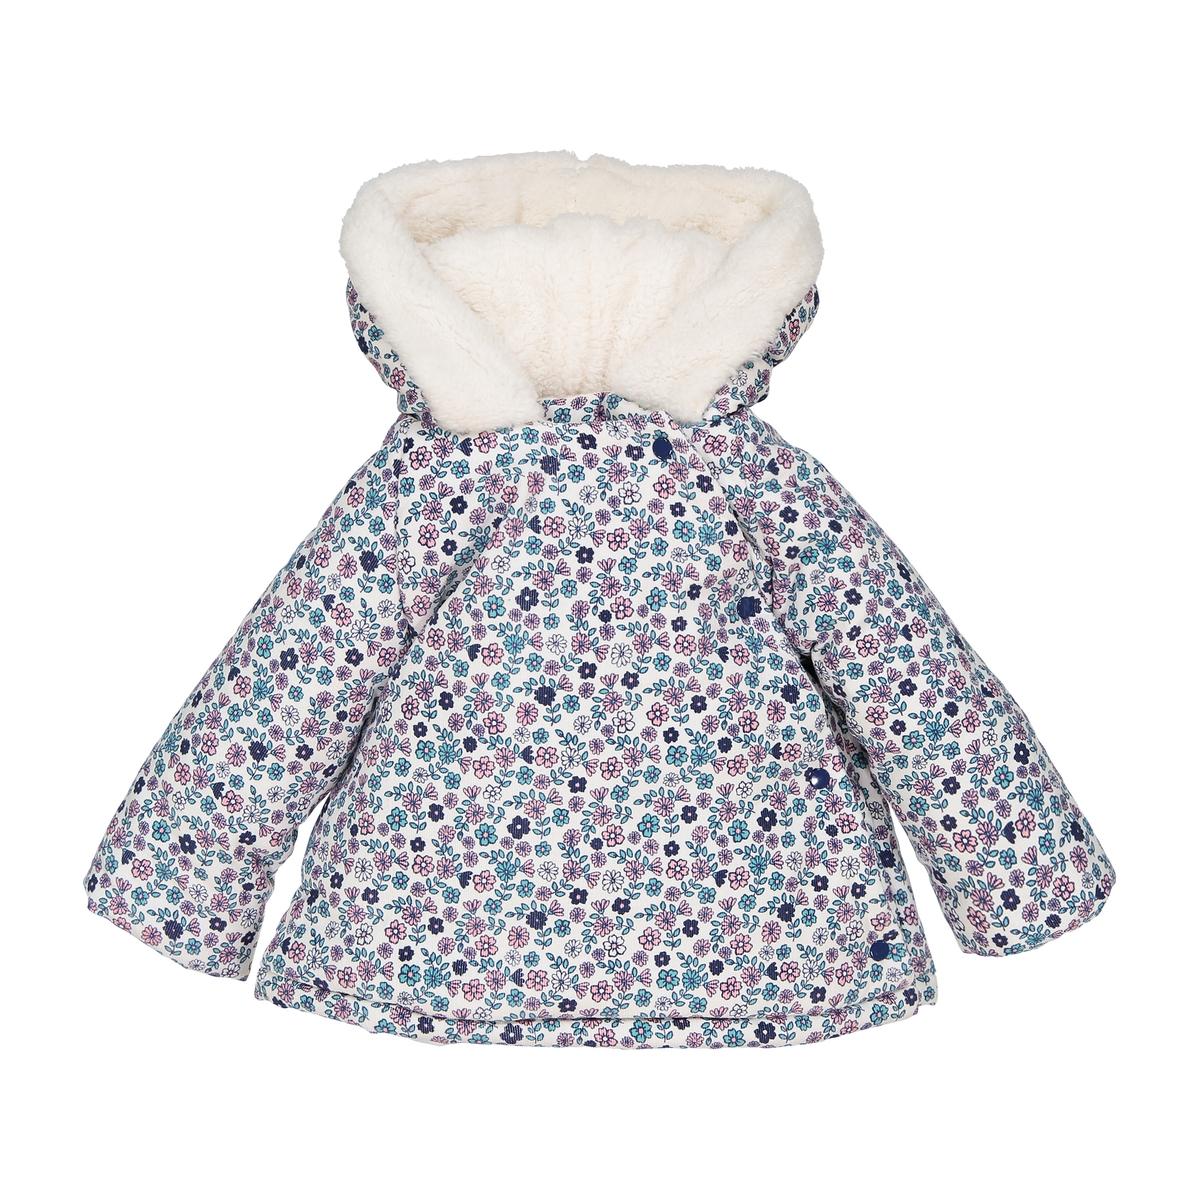 Куртка стеганая для новорожденного из велюра, 1 мес. - 3 года жакет из велюра на подкладке из искусственного меха